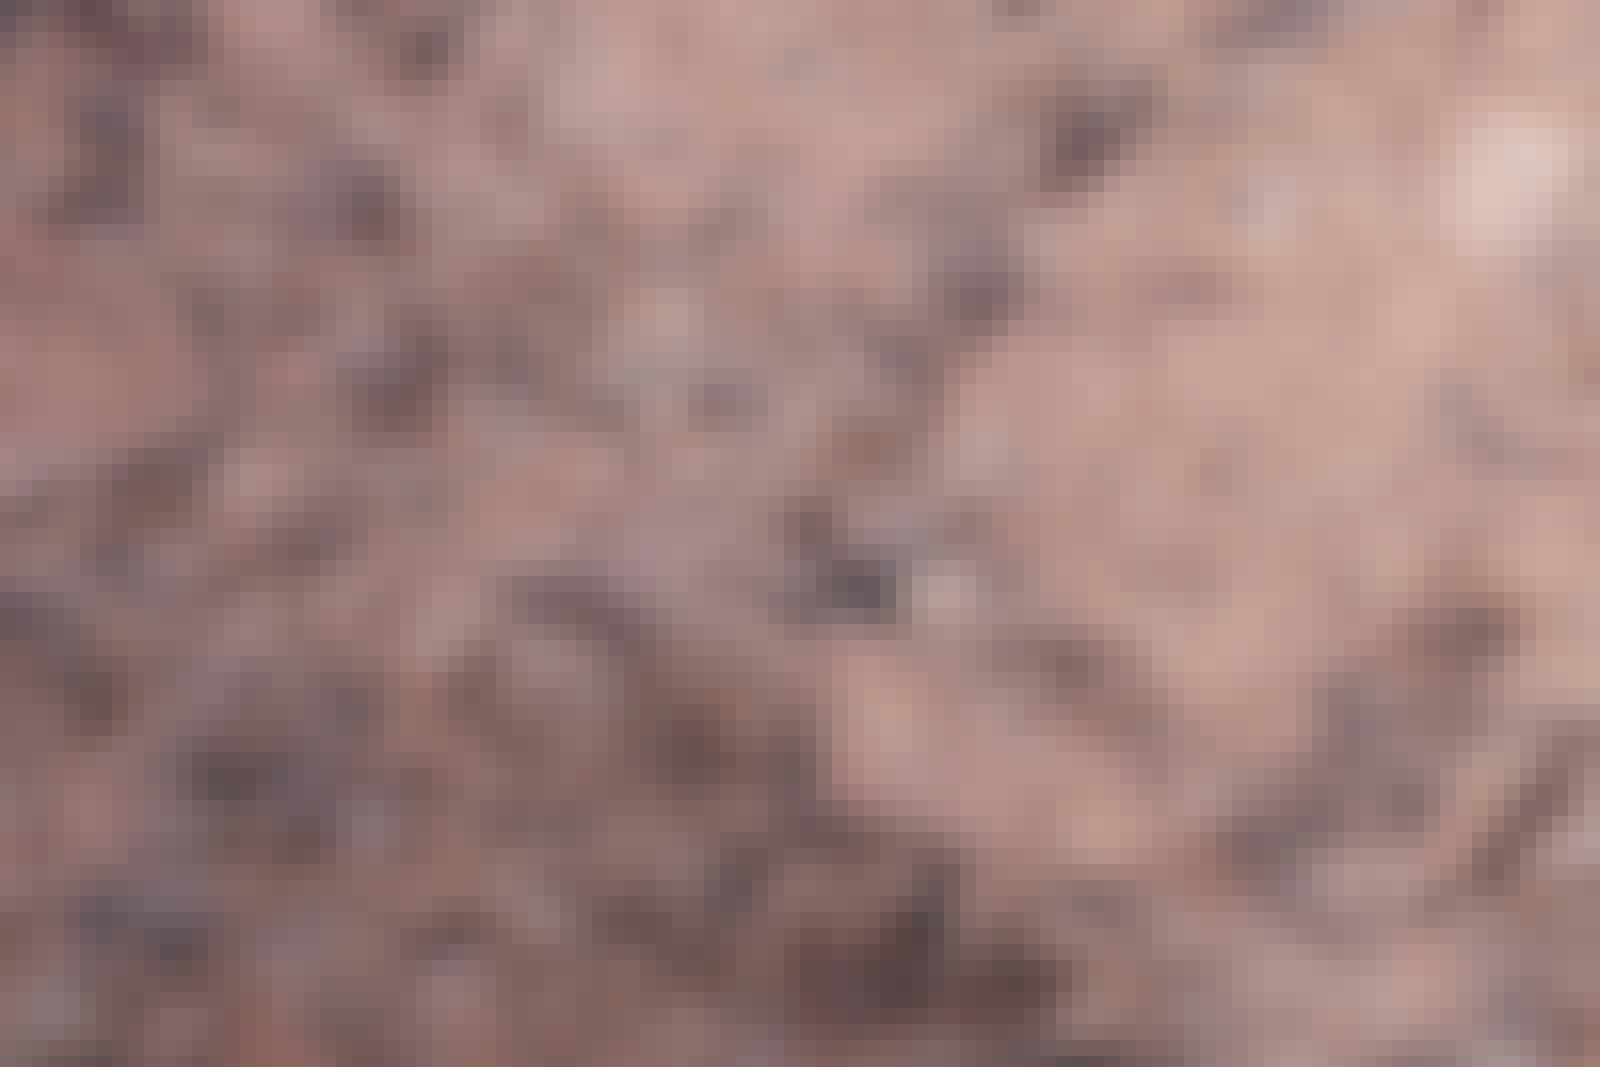 Graniitti voi tuntua todella kestävältä, mutta siihen voi tulla värjäytymiä ja naarmuja.